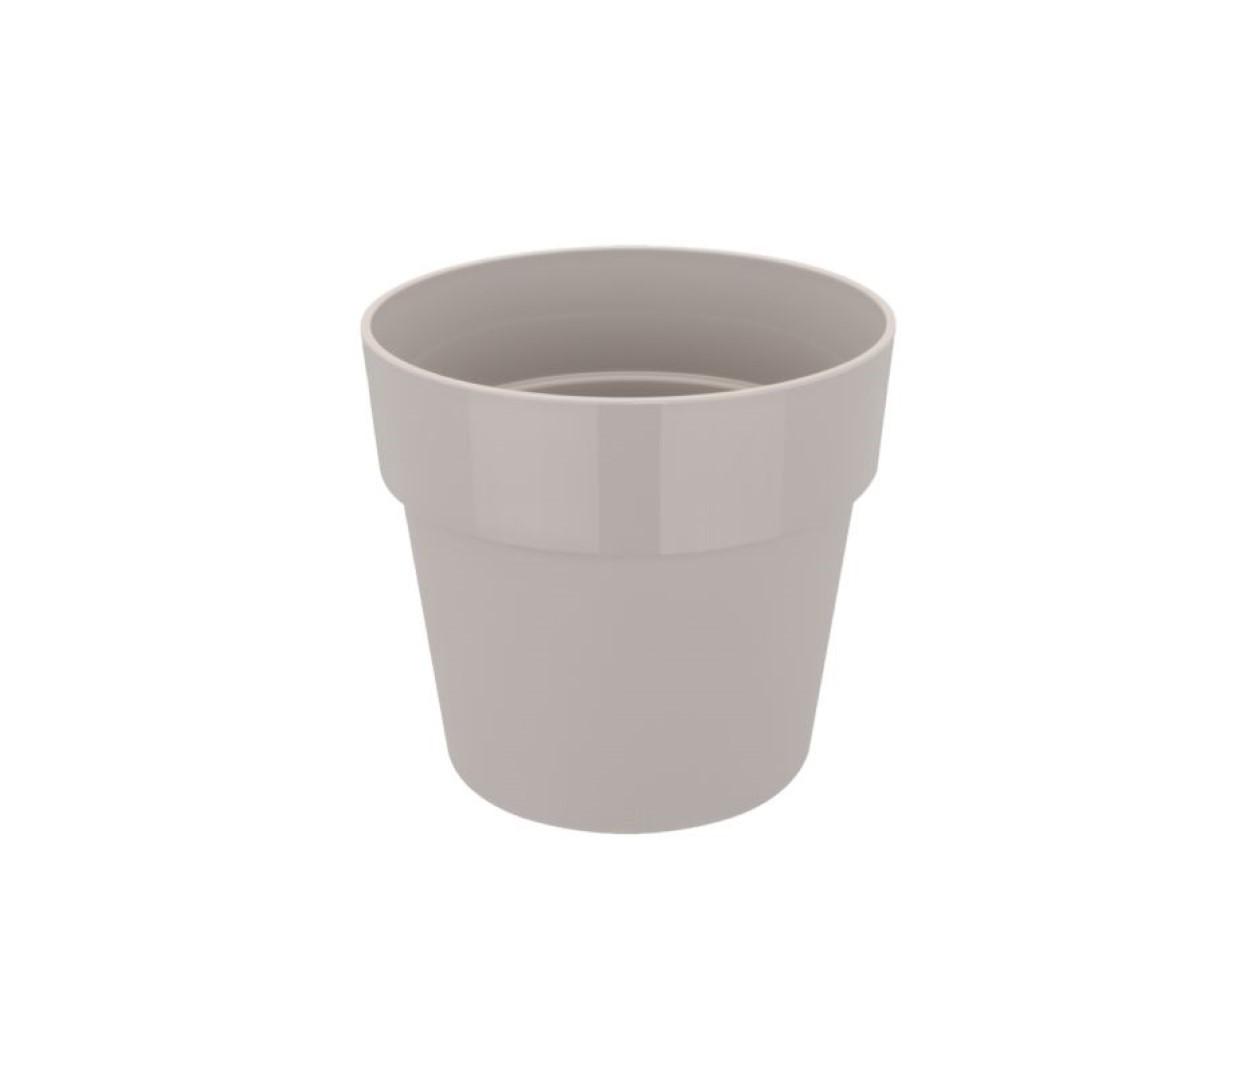 B.for original rond 22 bloempot warm grijs binnen dia. 22 x h 20,3 cm